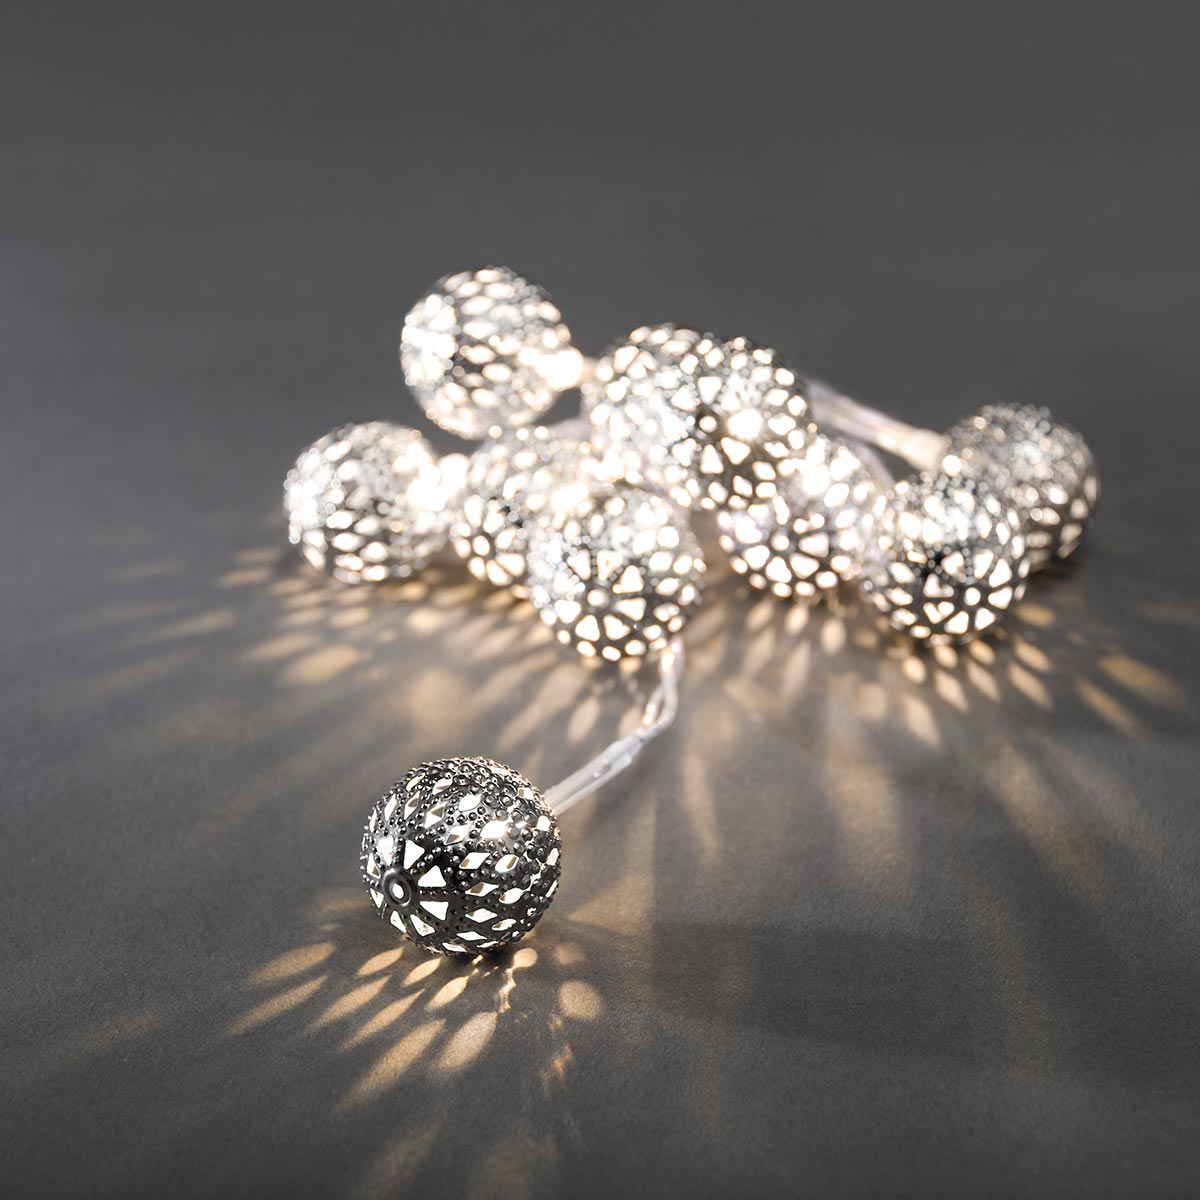 led dekolichterkette mit 10 kleinen silberfarbenen metallb llen mit warmweissen dioden. Black Bedroom Furniture Sets. Home Design Ideas